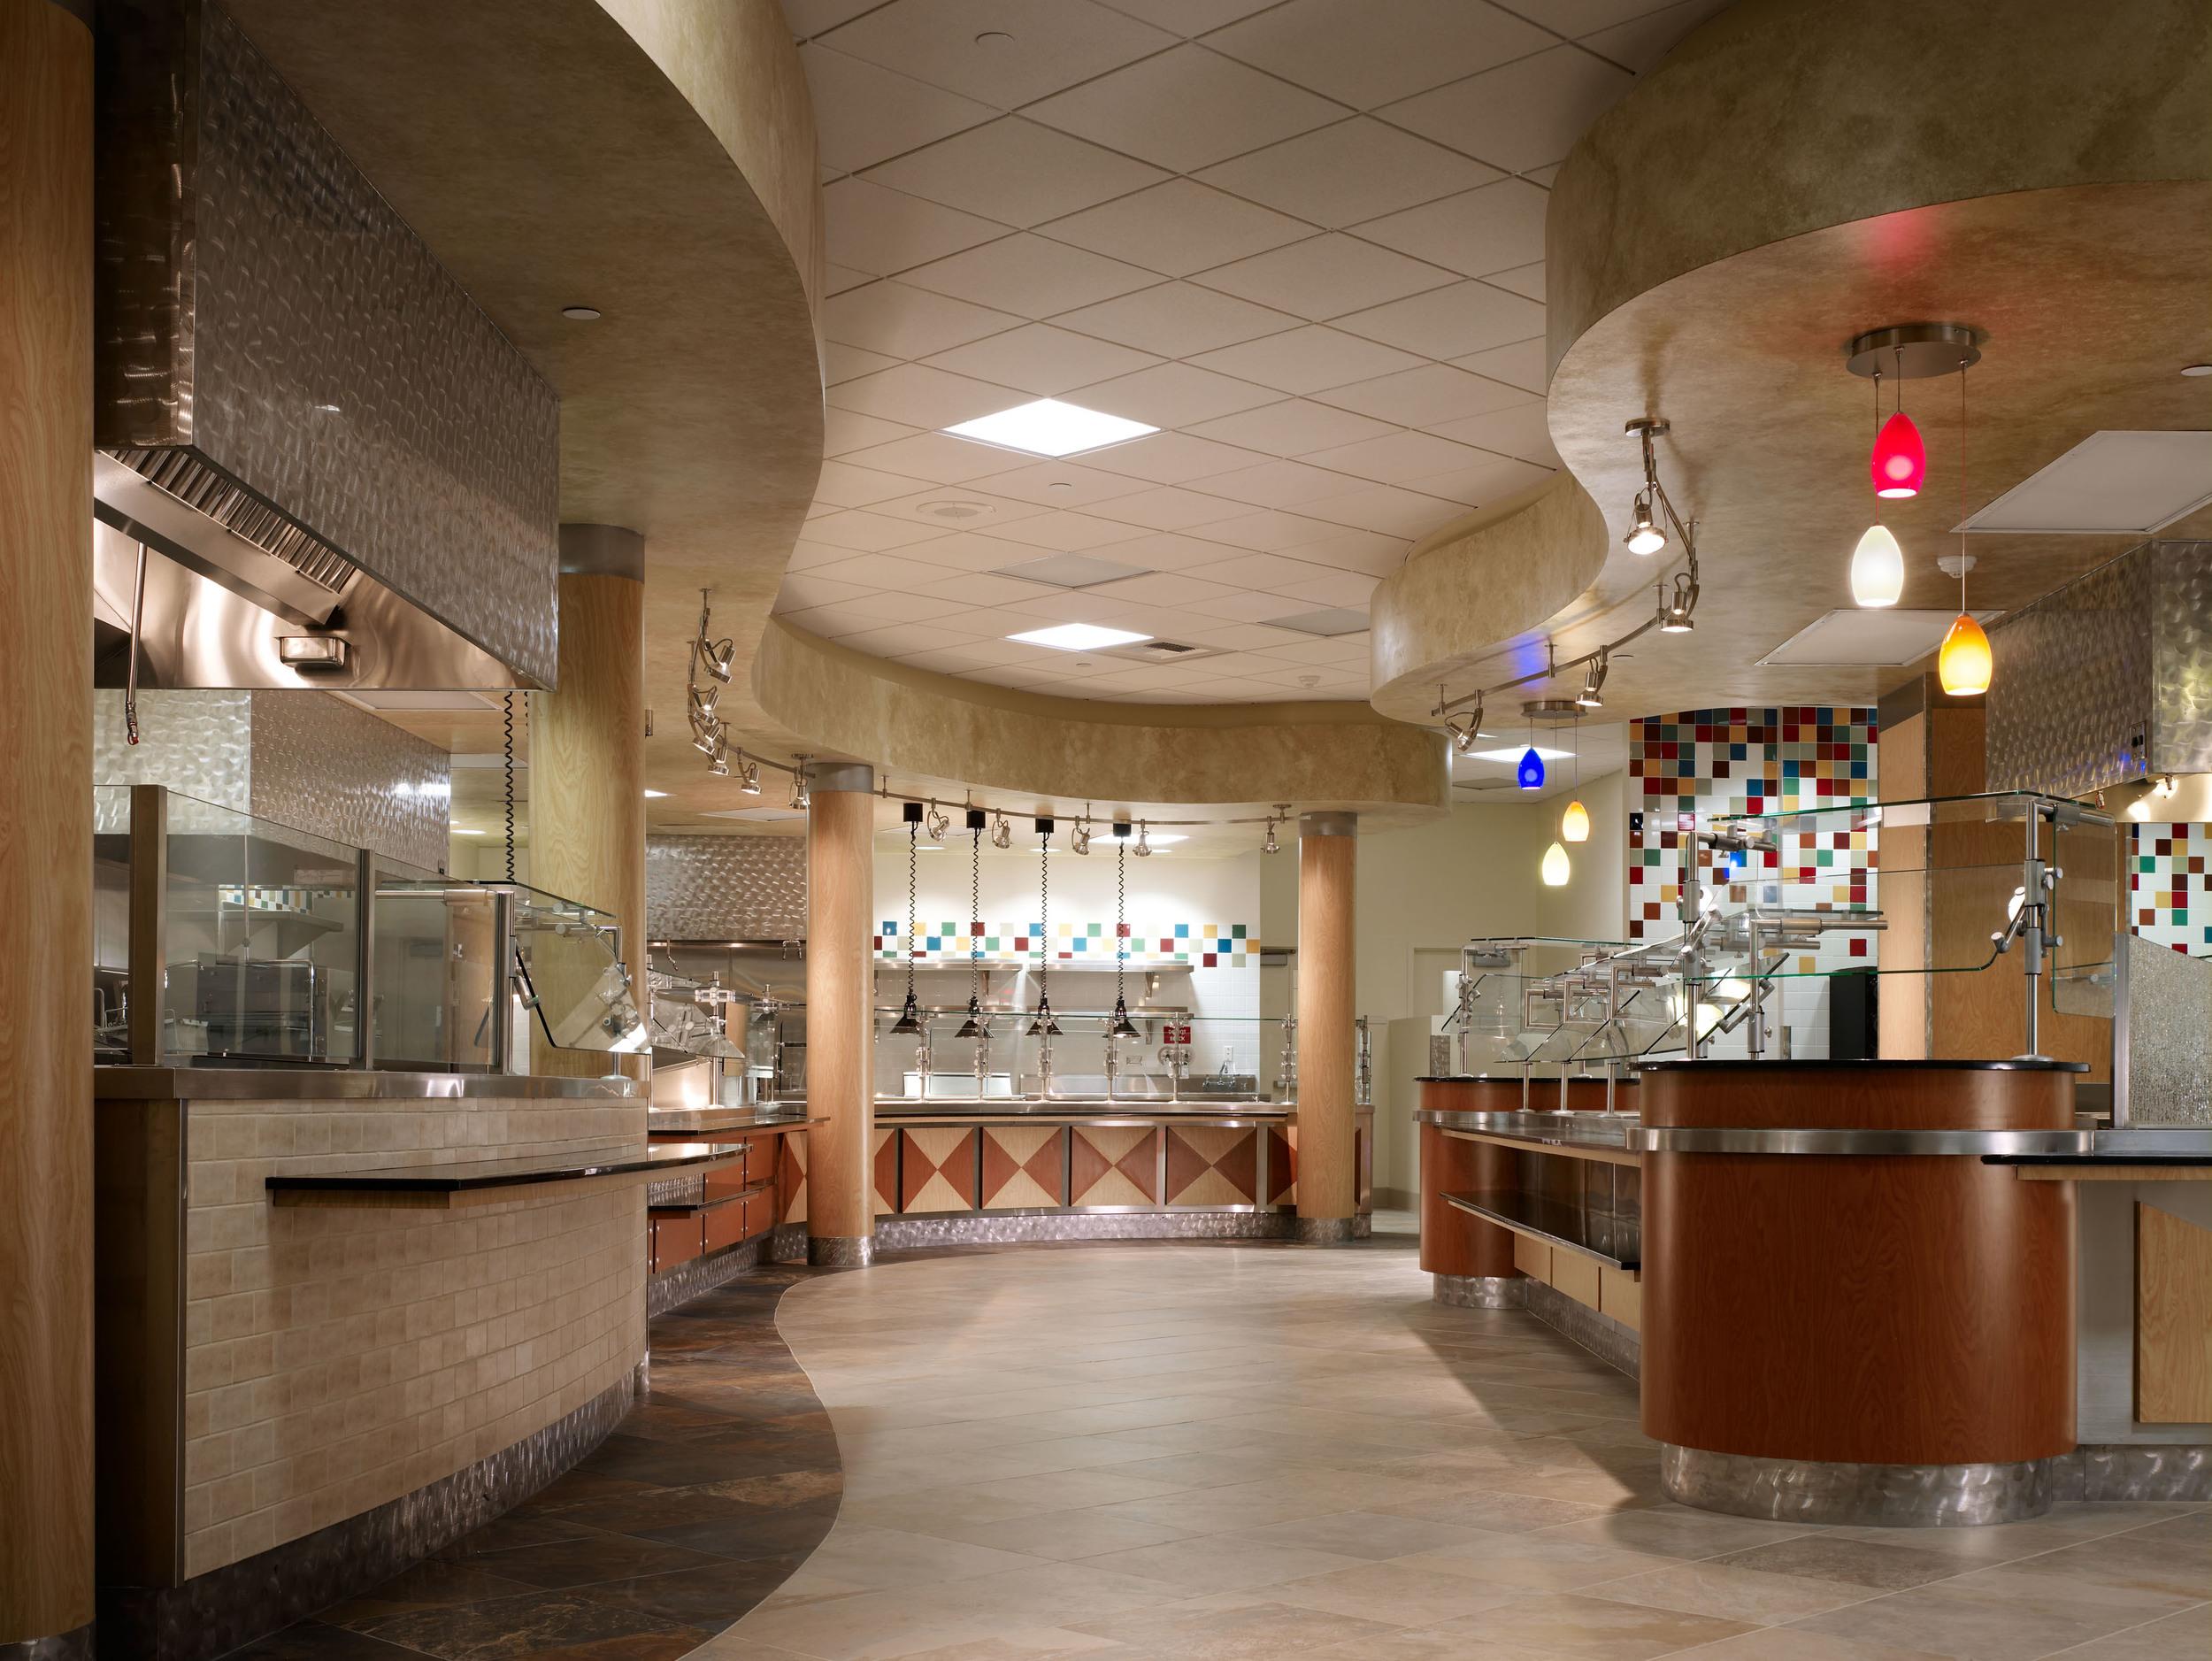 UCIrvine Douglas Hospital Interior - Cafeteria 01.jpg